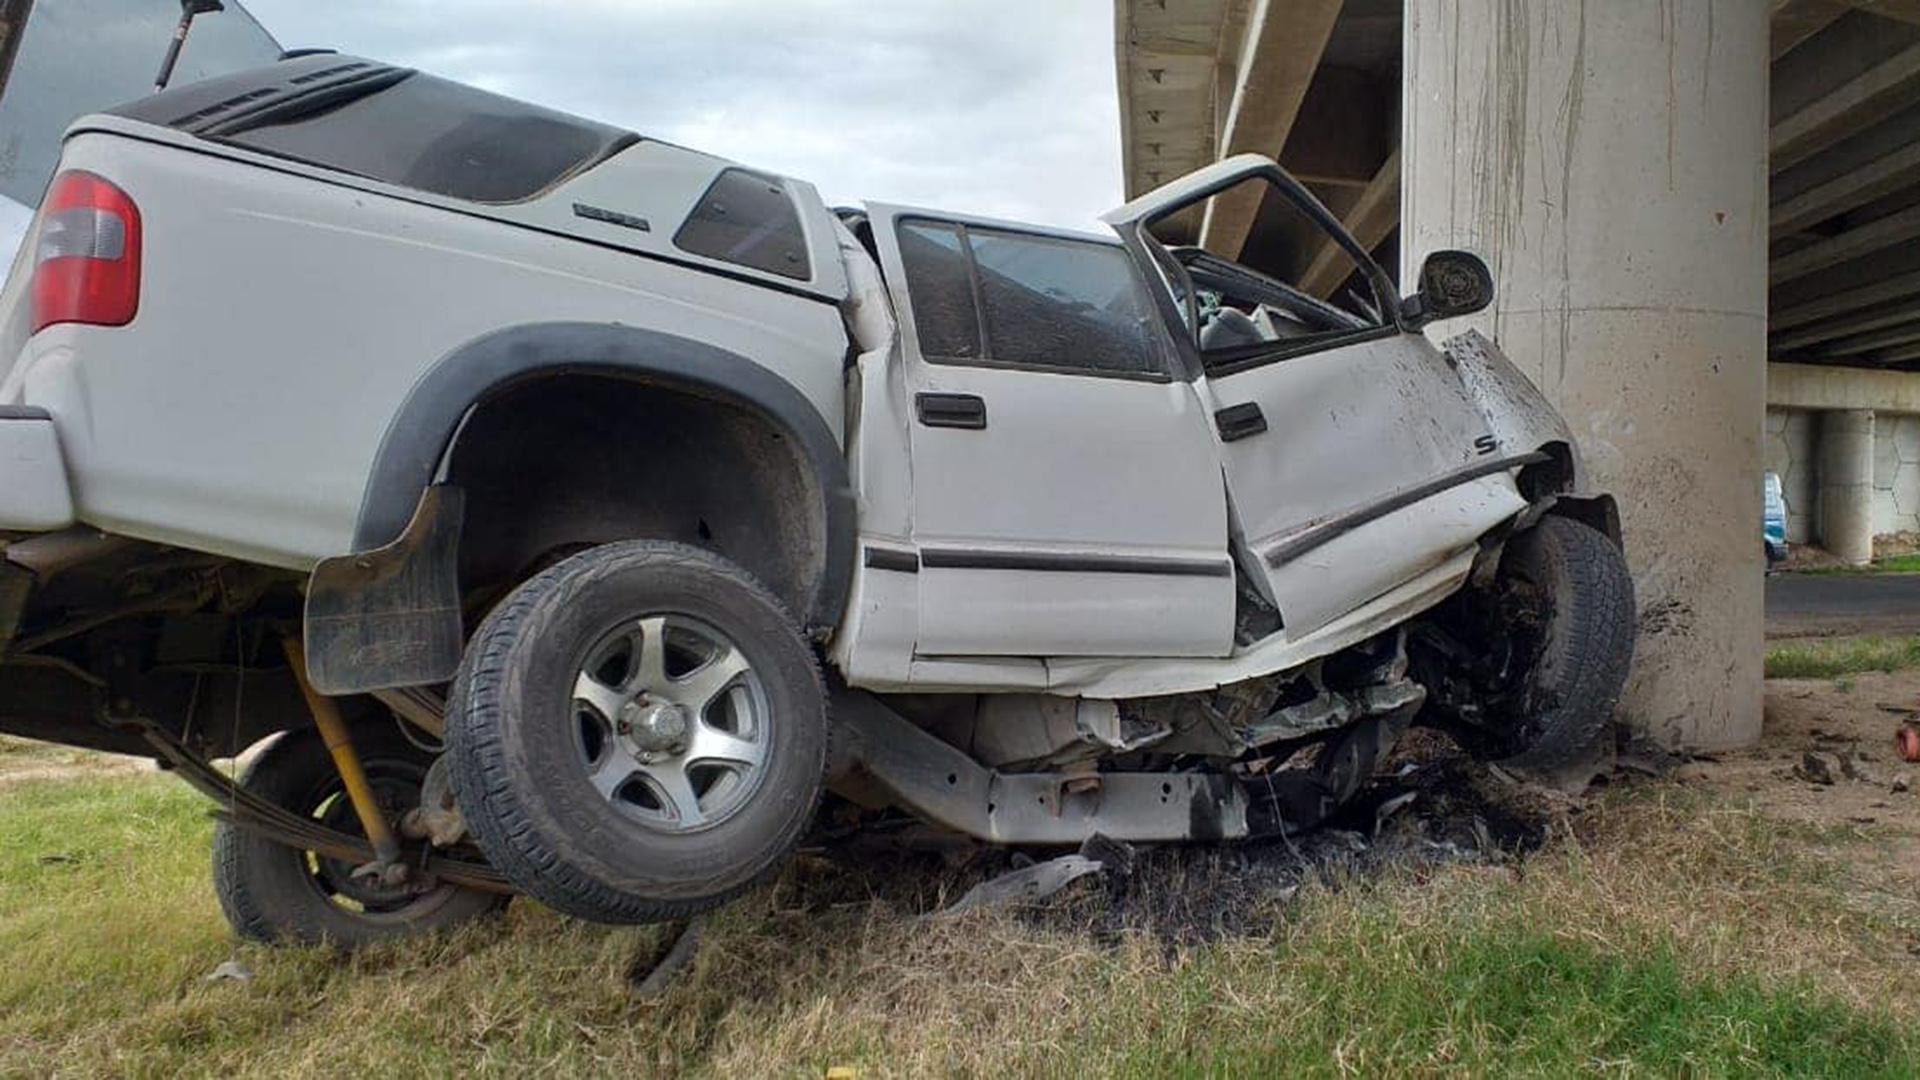 La Chevrolet S-10 de Presviterio tras impactar contra el puente en el ingreso a Elena